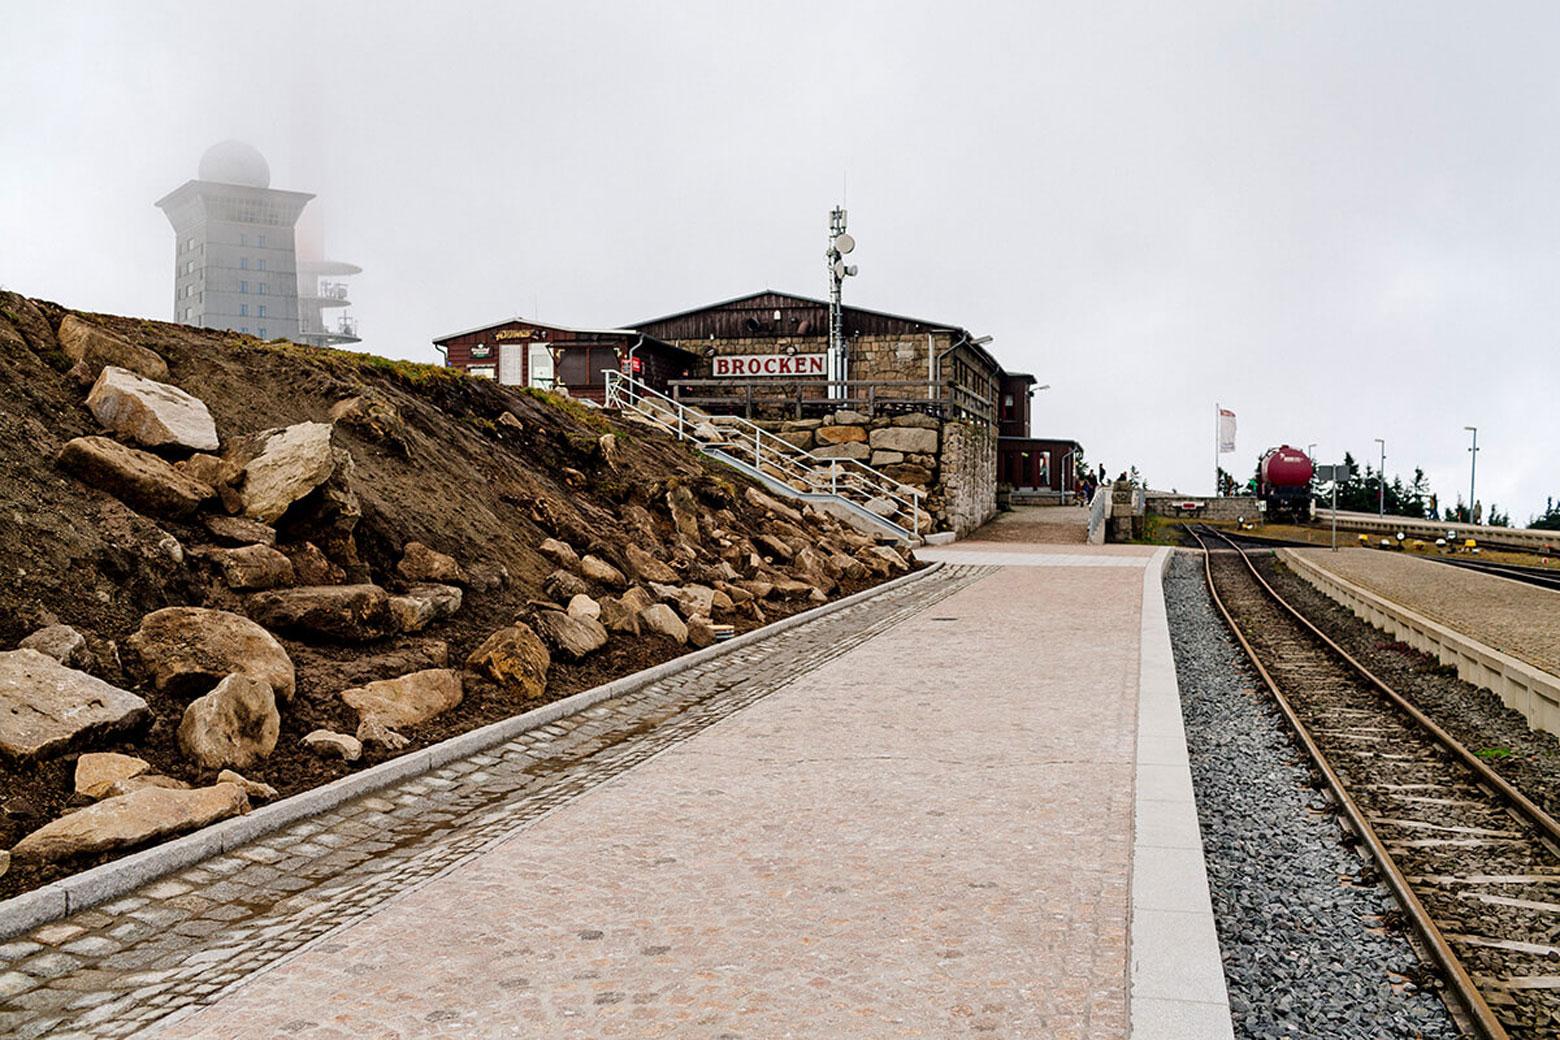 Blick über den Bahnsteig mit Gleisen und Gebäude